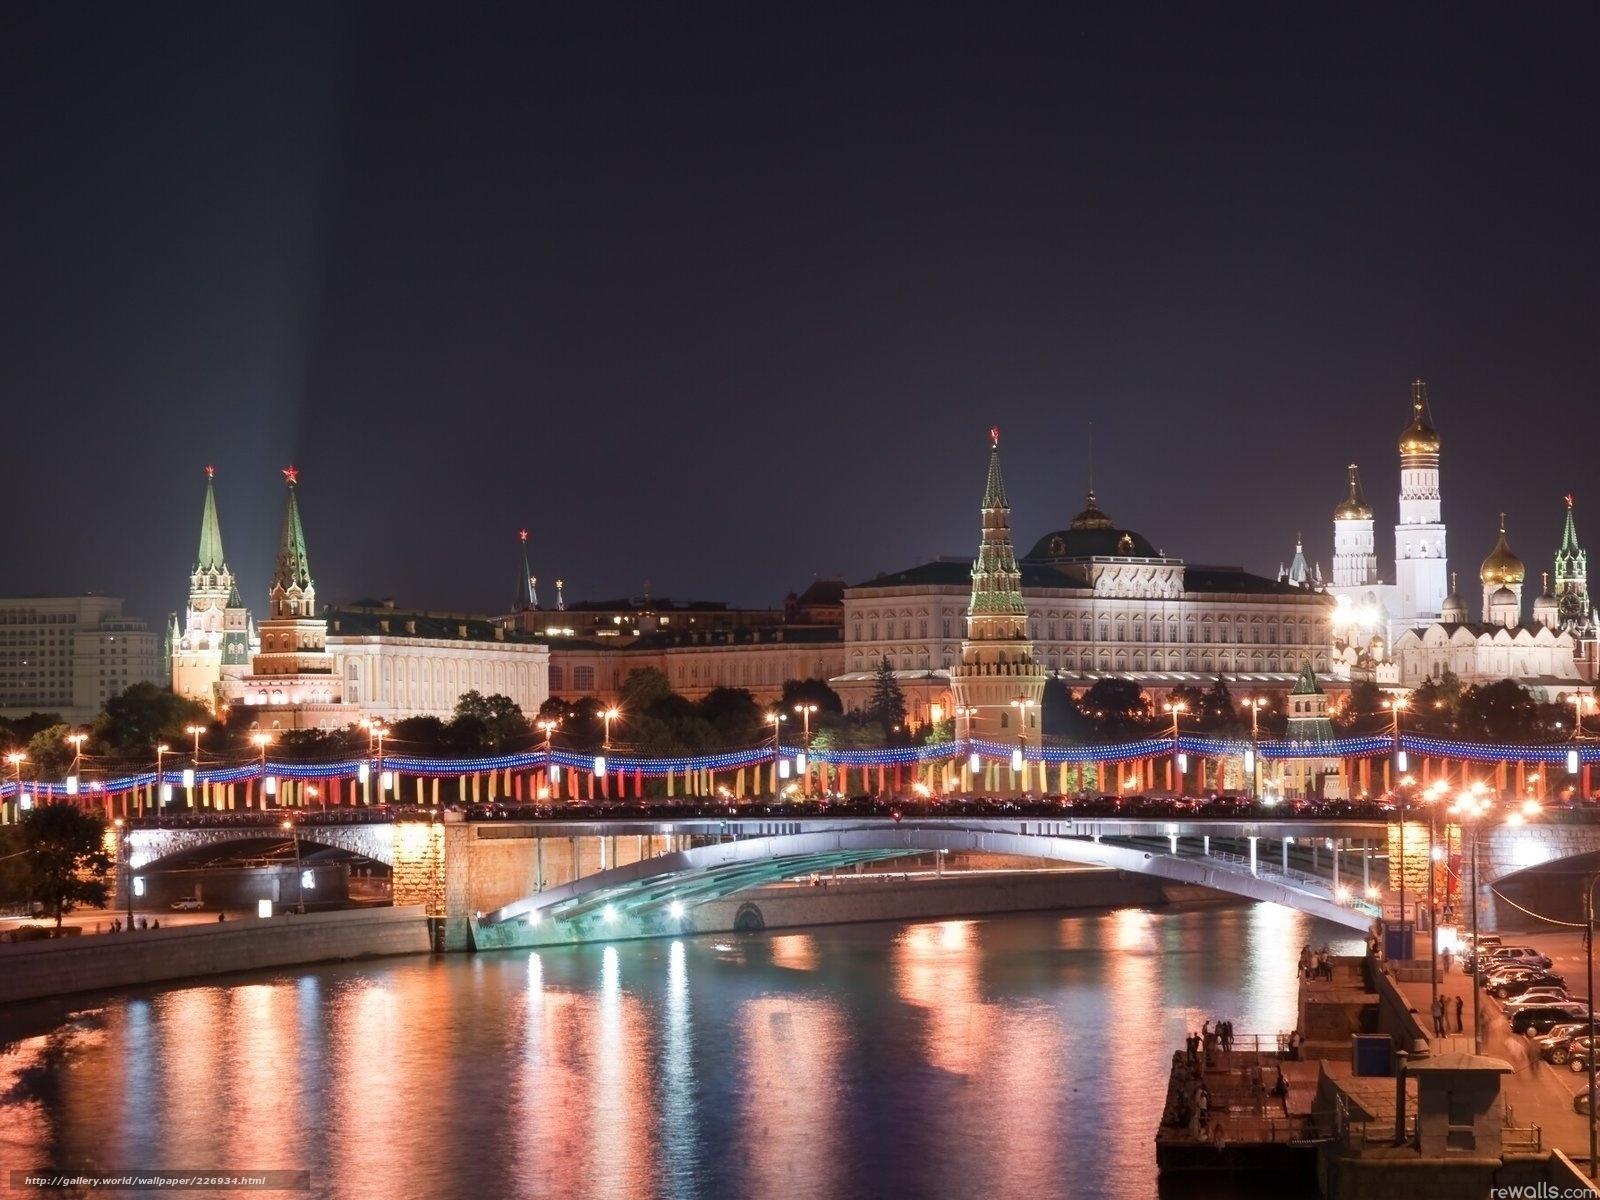 Download hintergrund moskau bei nacht, russland, kreml, beleuchtung